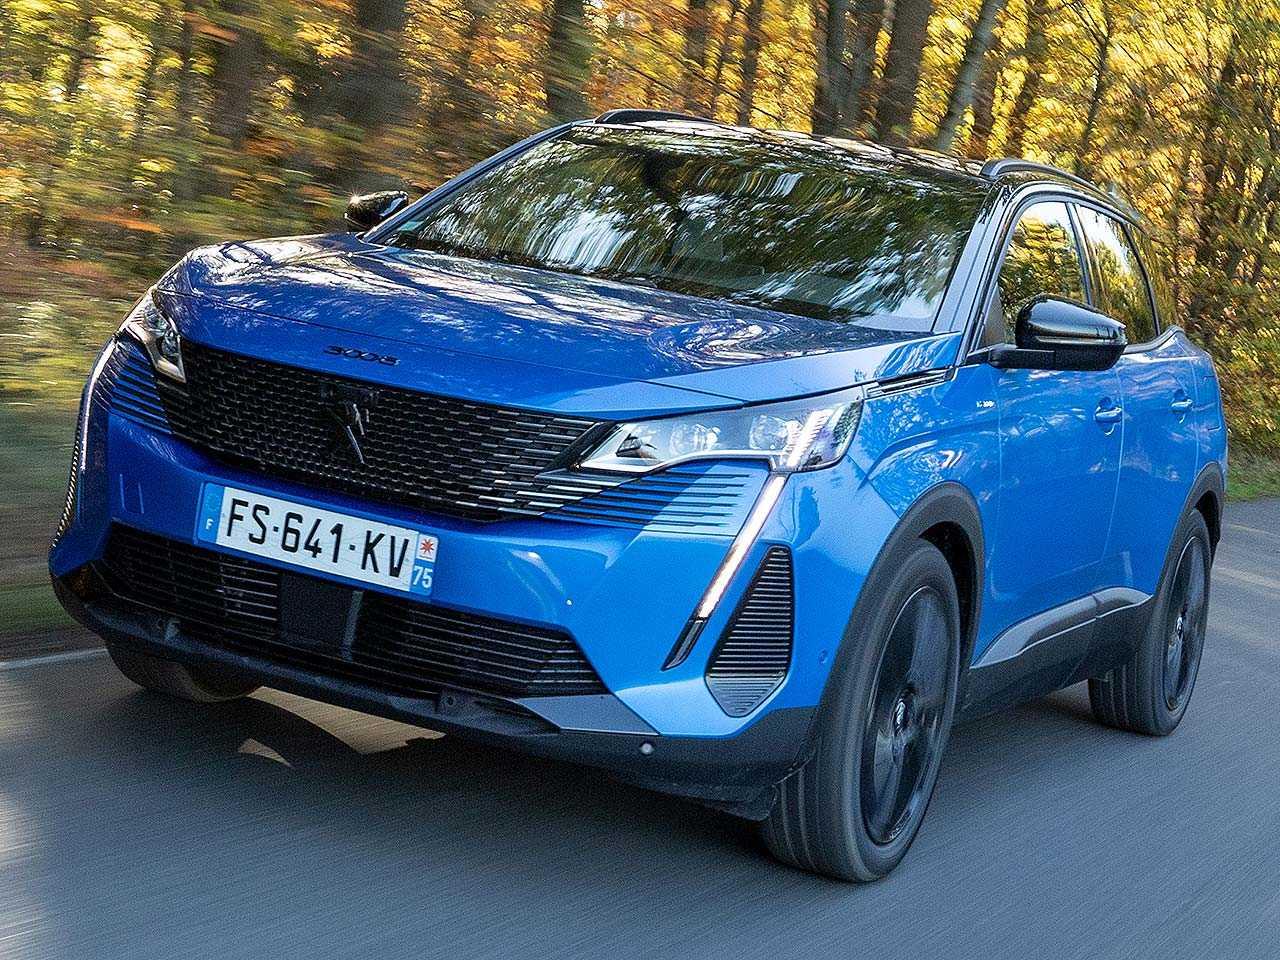 Peugeot 3008 Hybrid: alto desempenho, tração integral e baixo consumo